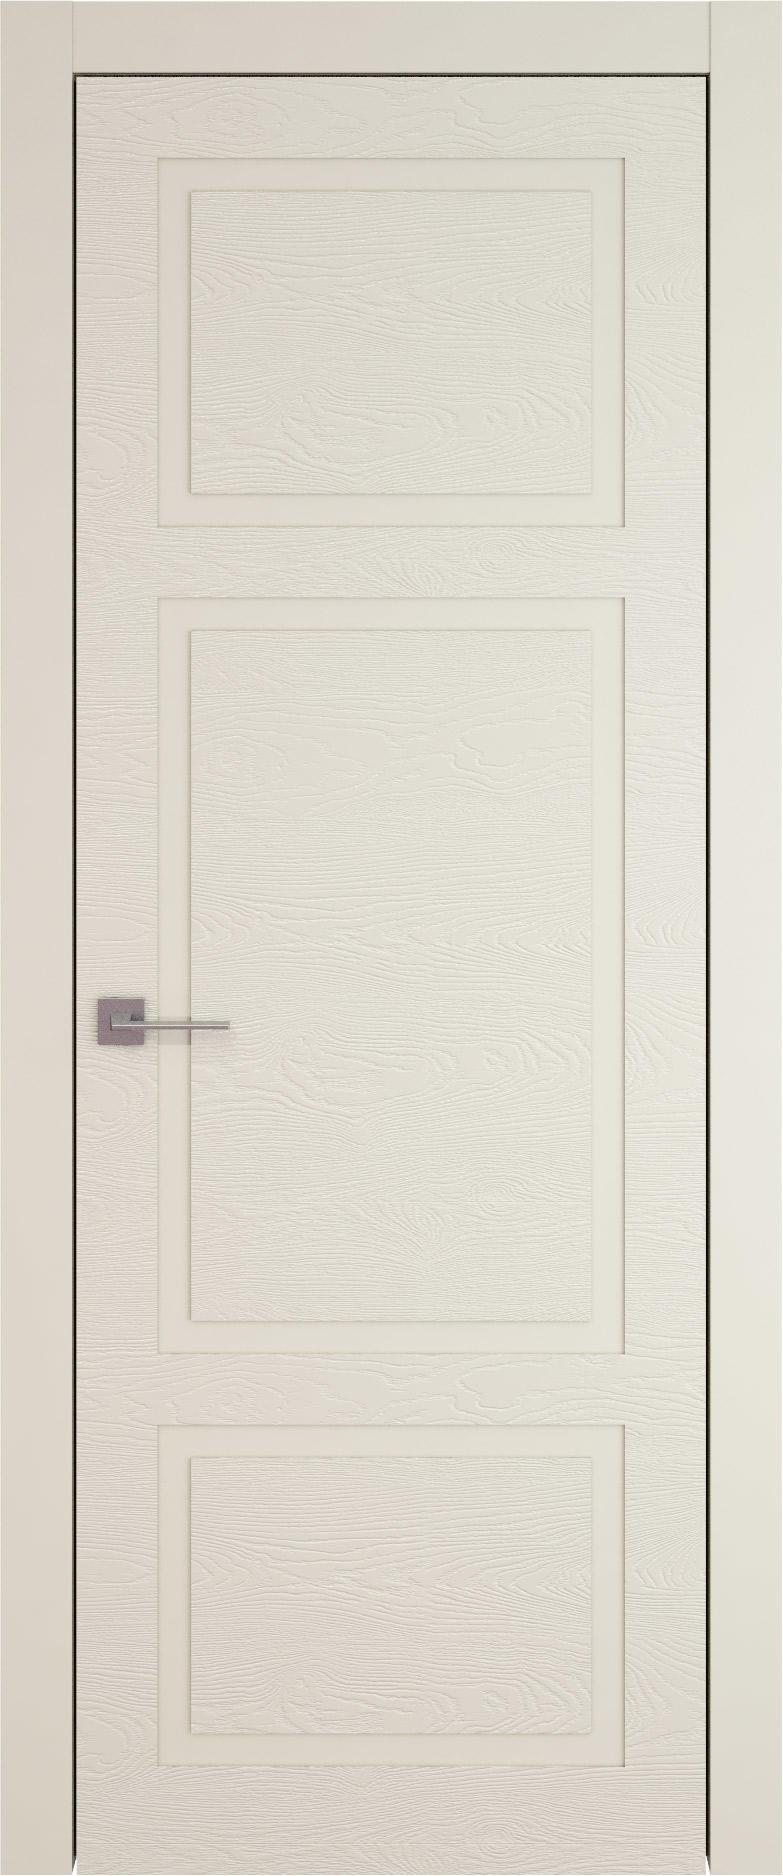 Tivoli К-5 цвет - Жемчужная эмаль по шпону (RAL 1013) Без стекла (ДГ)